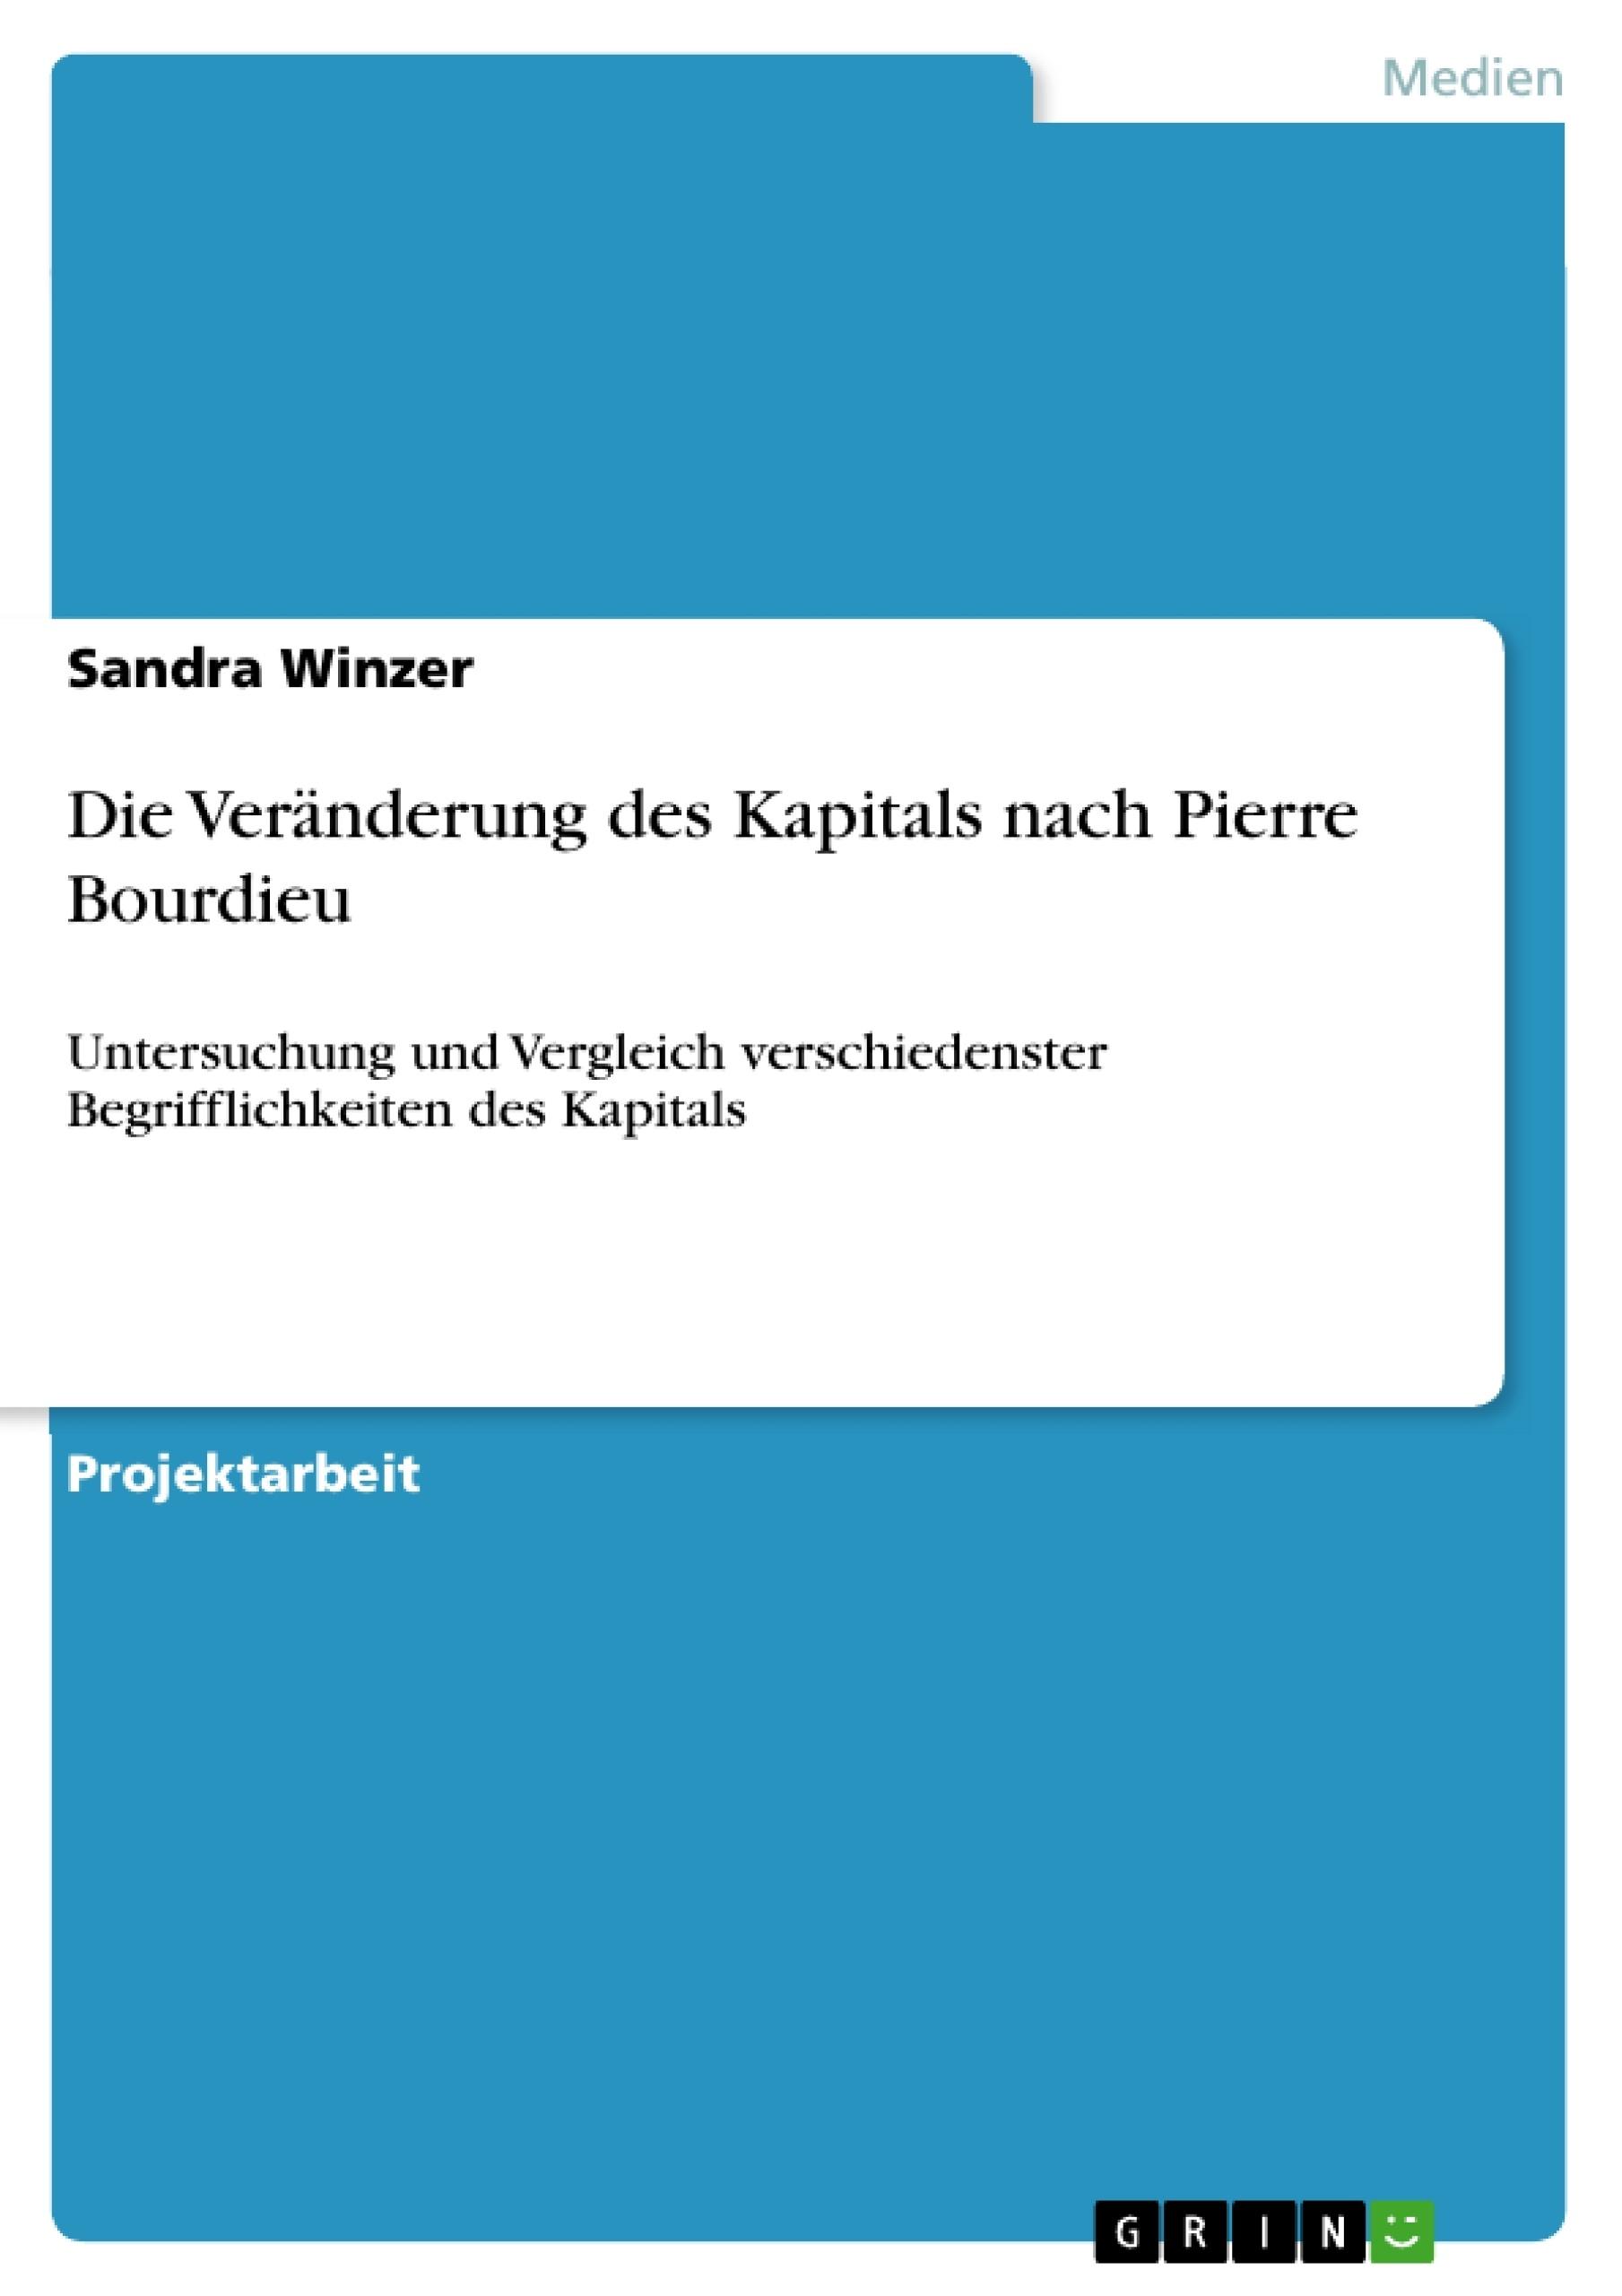 Titel: Die Veränderung des Kapitals nach Pierre Bourdieu